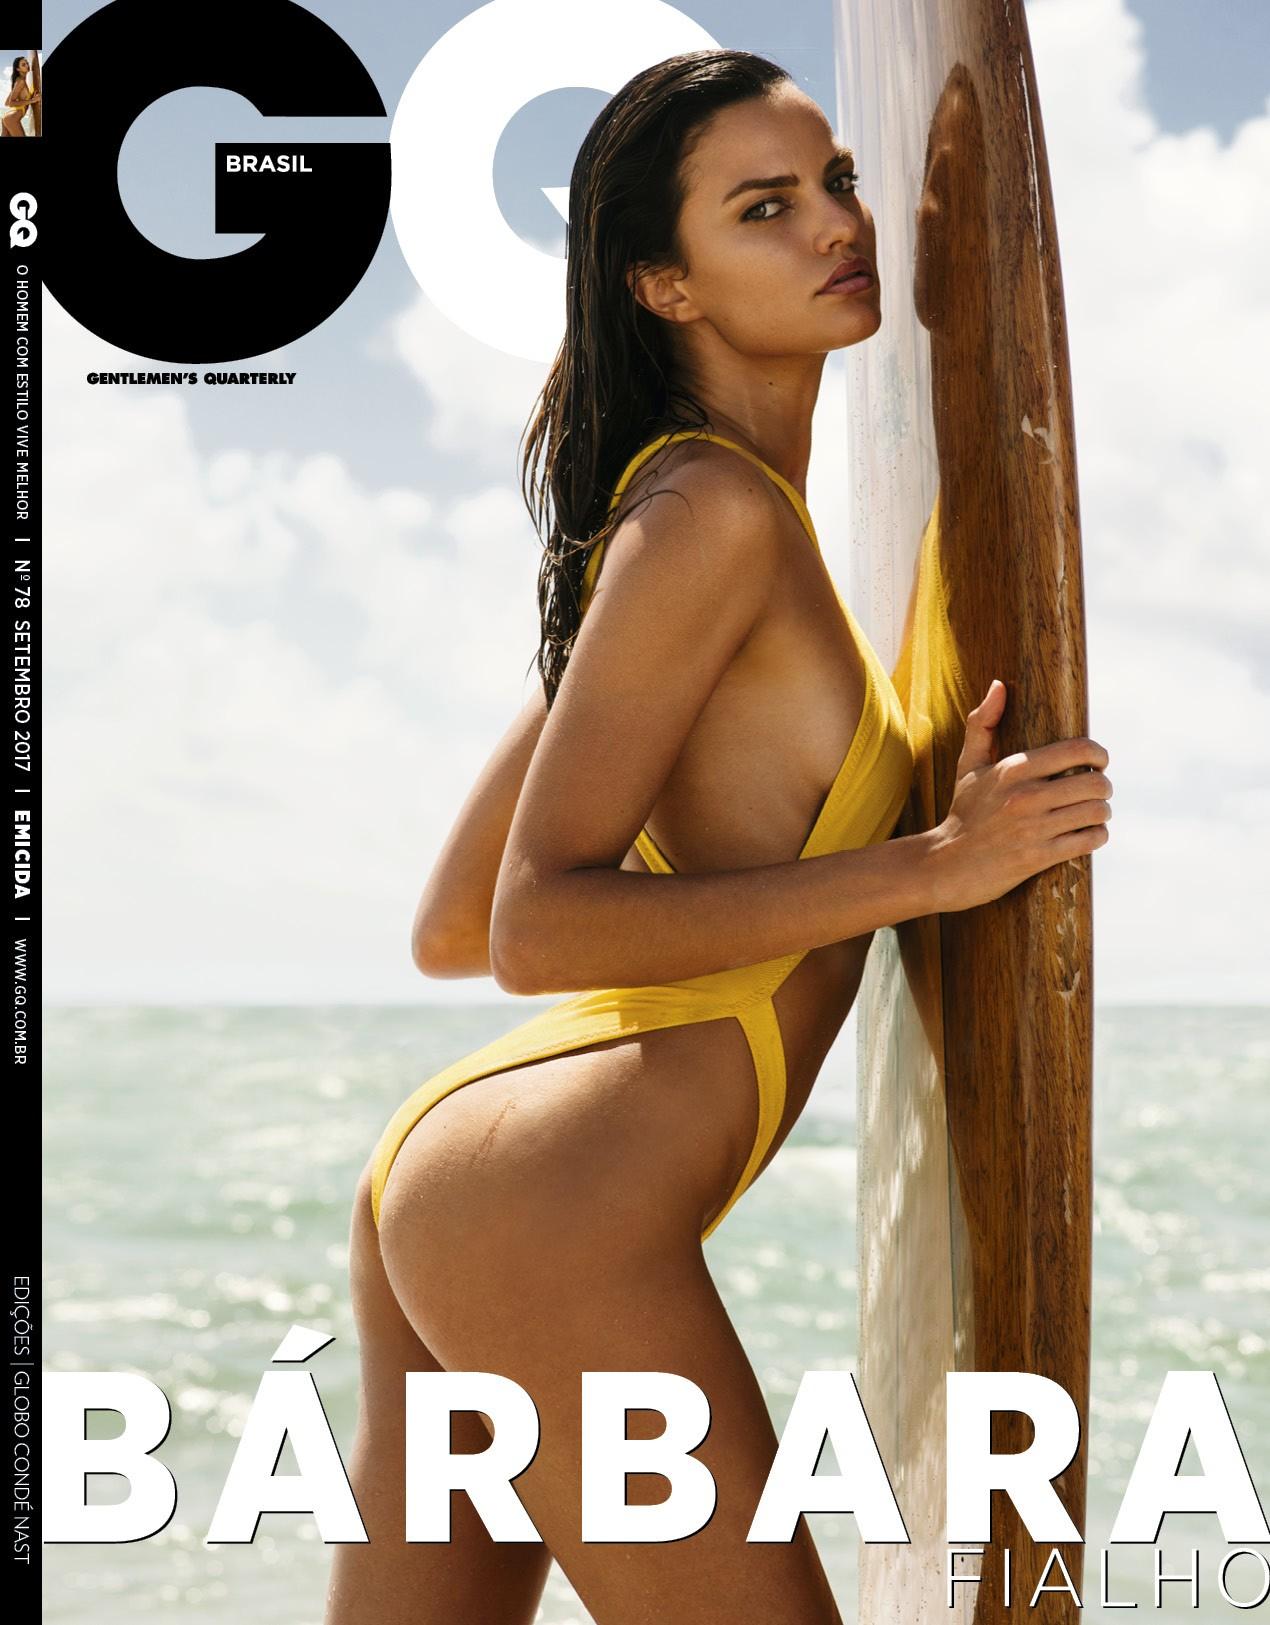 Bárbara Fialho, musa da GQ de setembro (Foto: GQ)